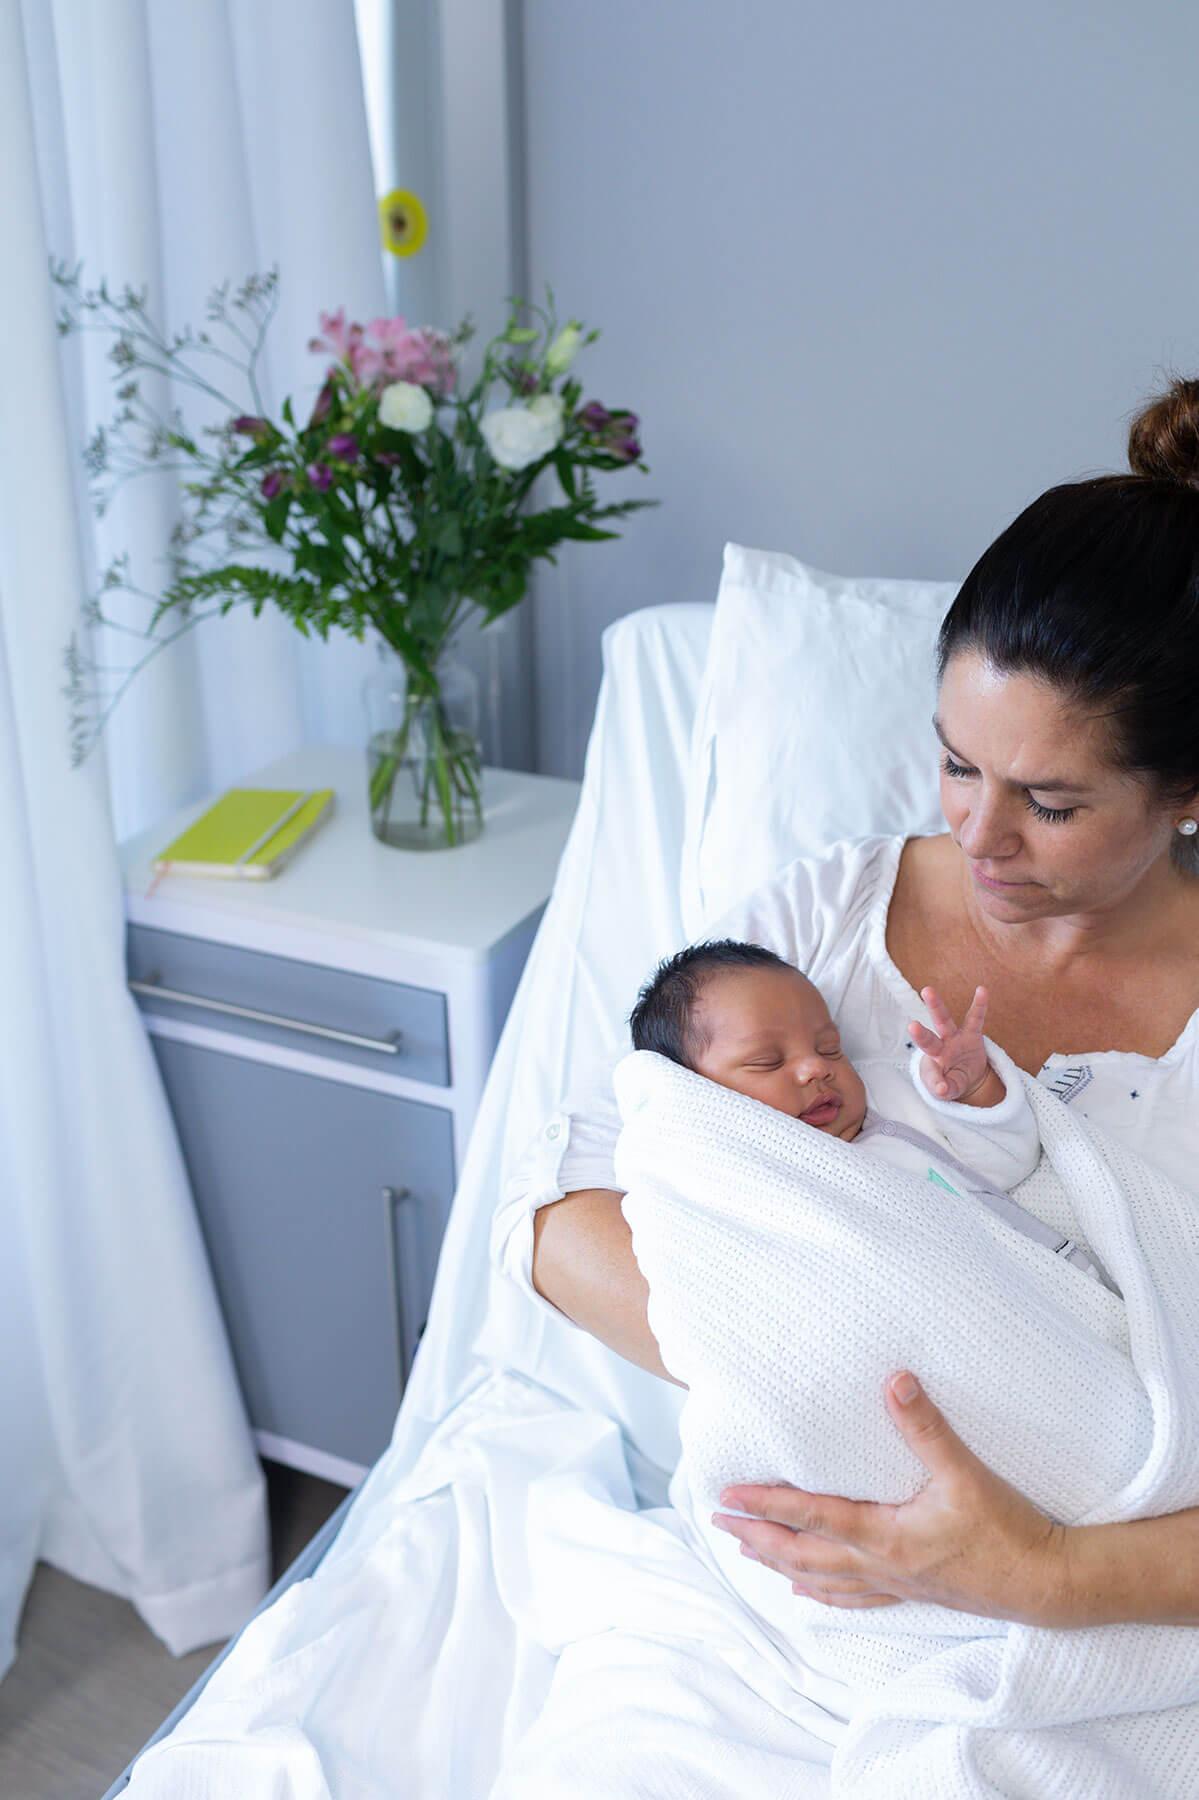 Cómo preparar la maleta del hospital cuando vas a ser madre